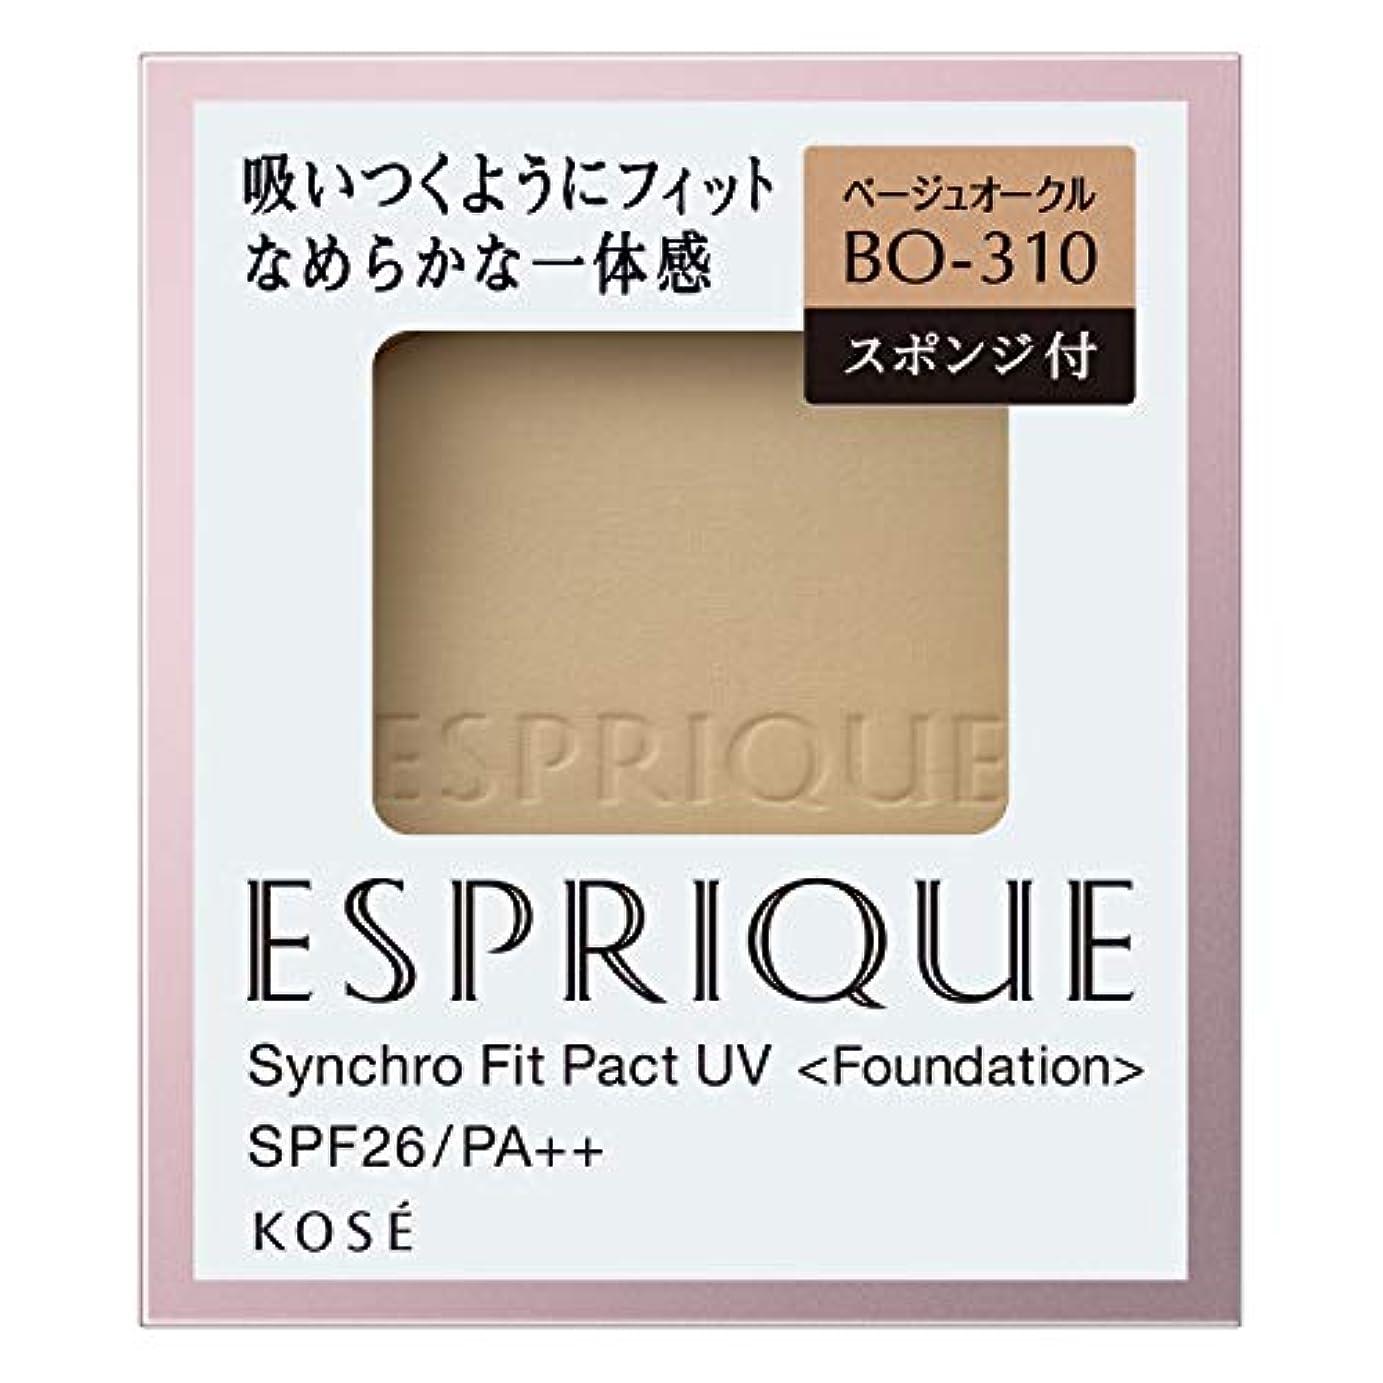 定義する法令受賞エスプリーク シンクロフィット パクト UV BO-310 ベージュオークル 9.3g